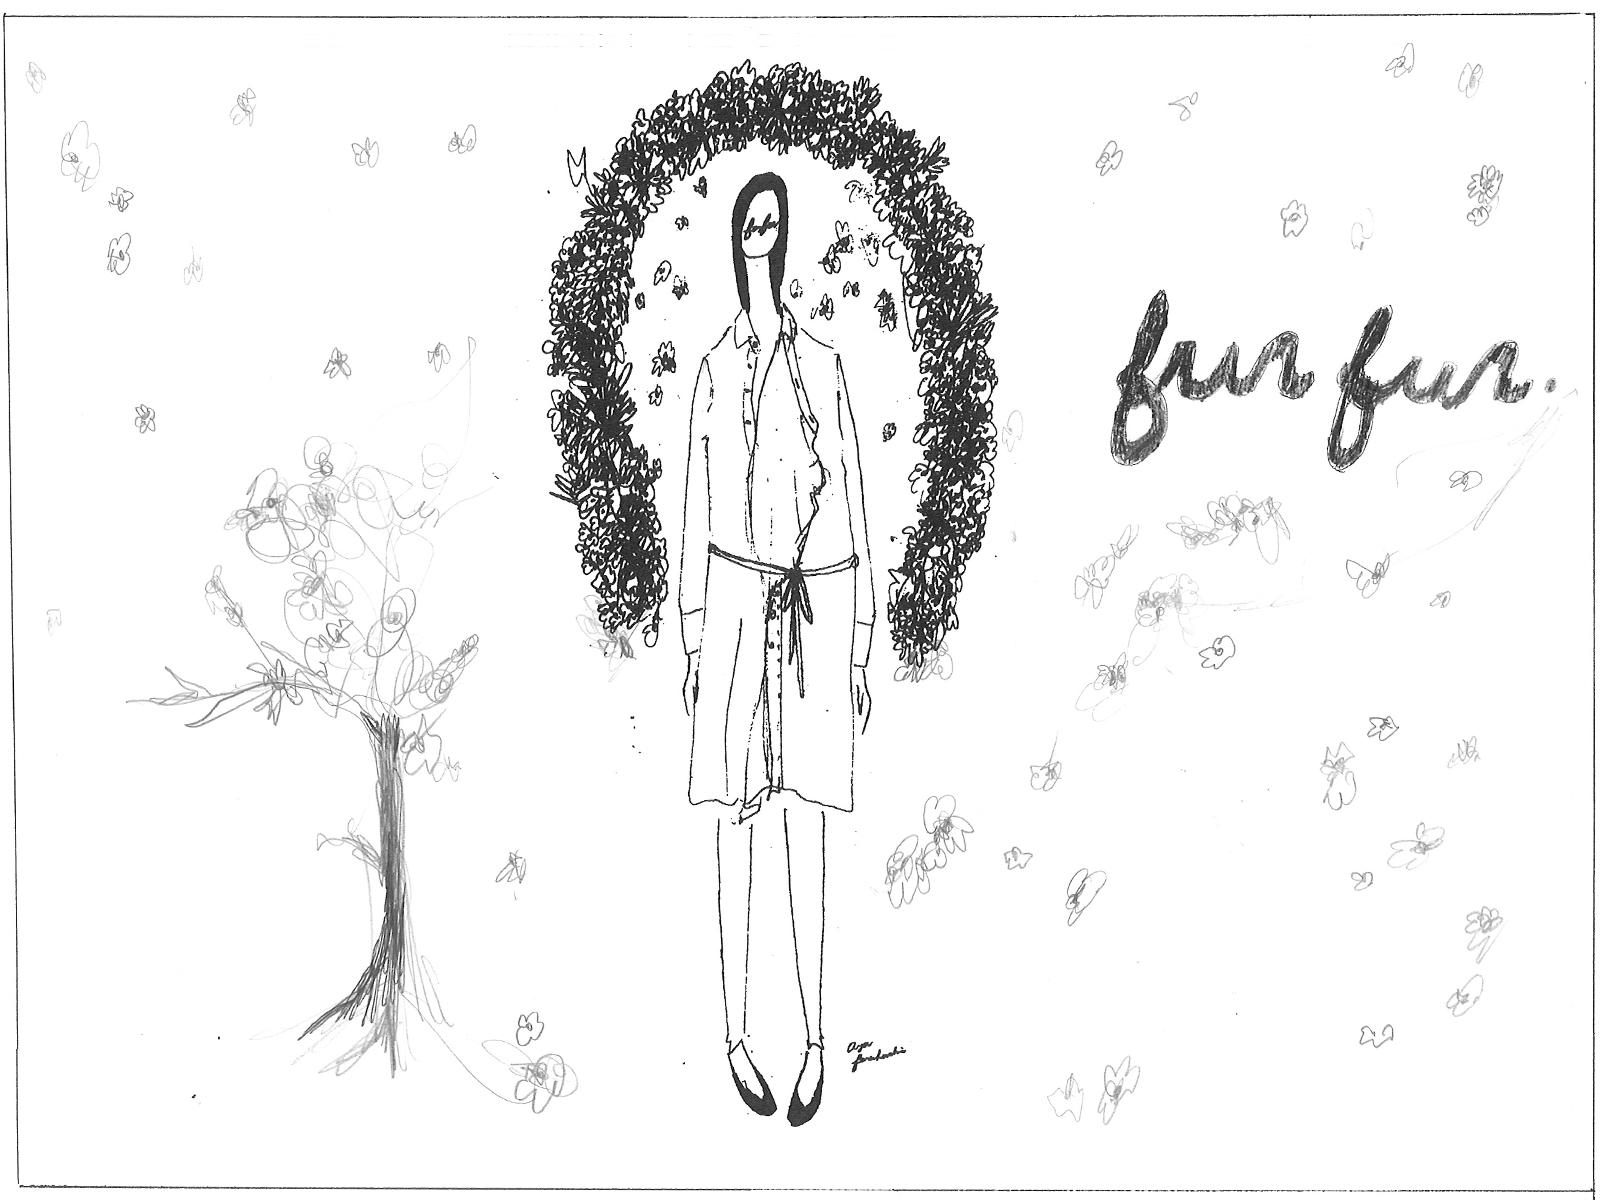 おしゃれで個性的なイラストの壁紙 | ramica